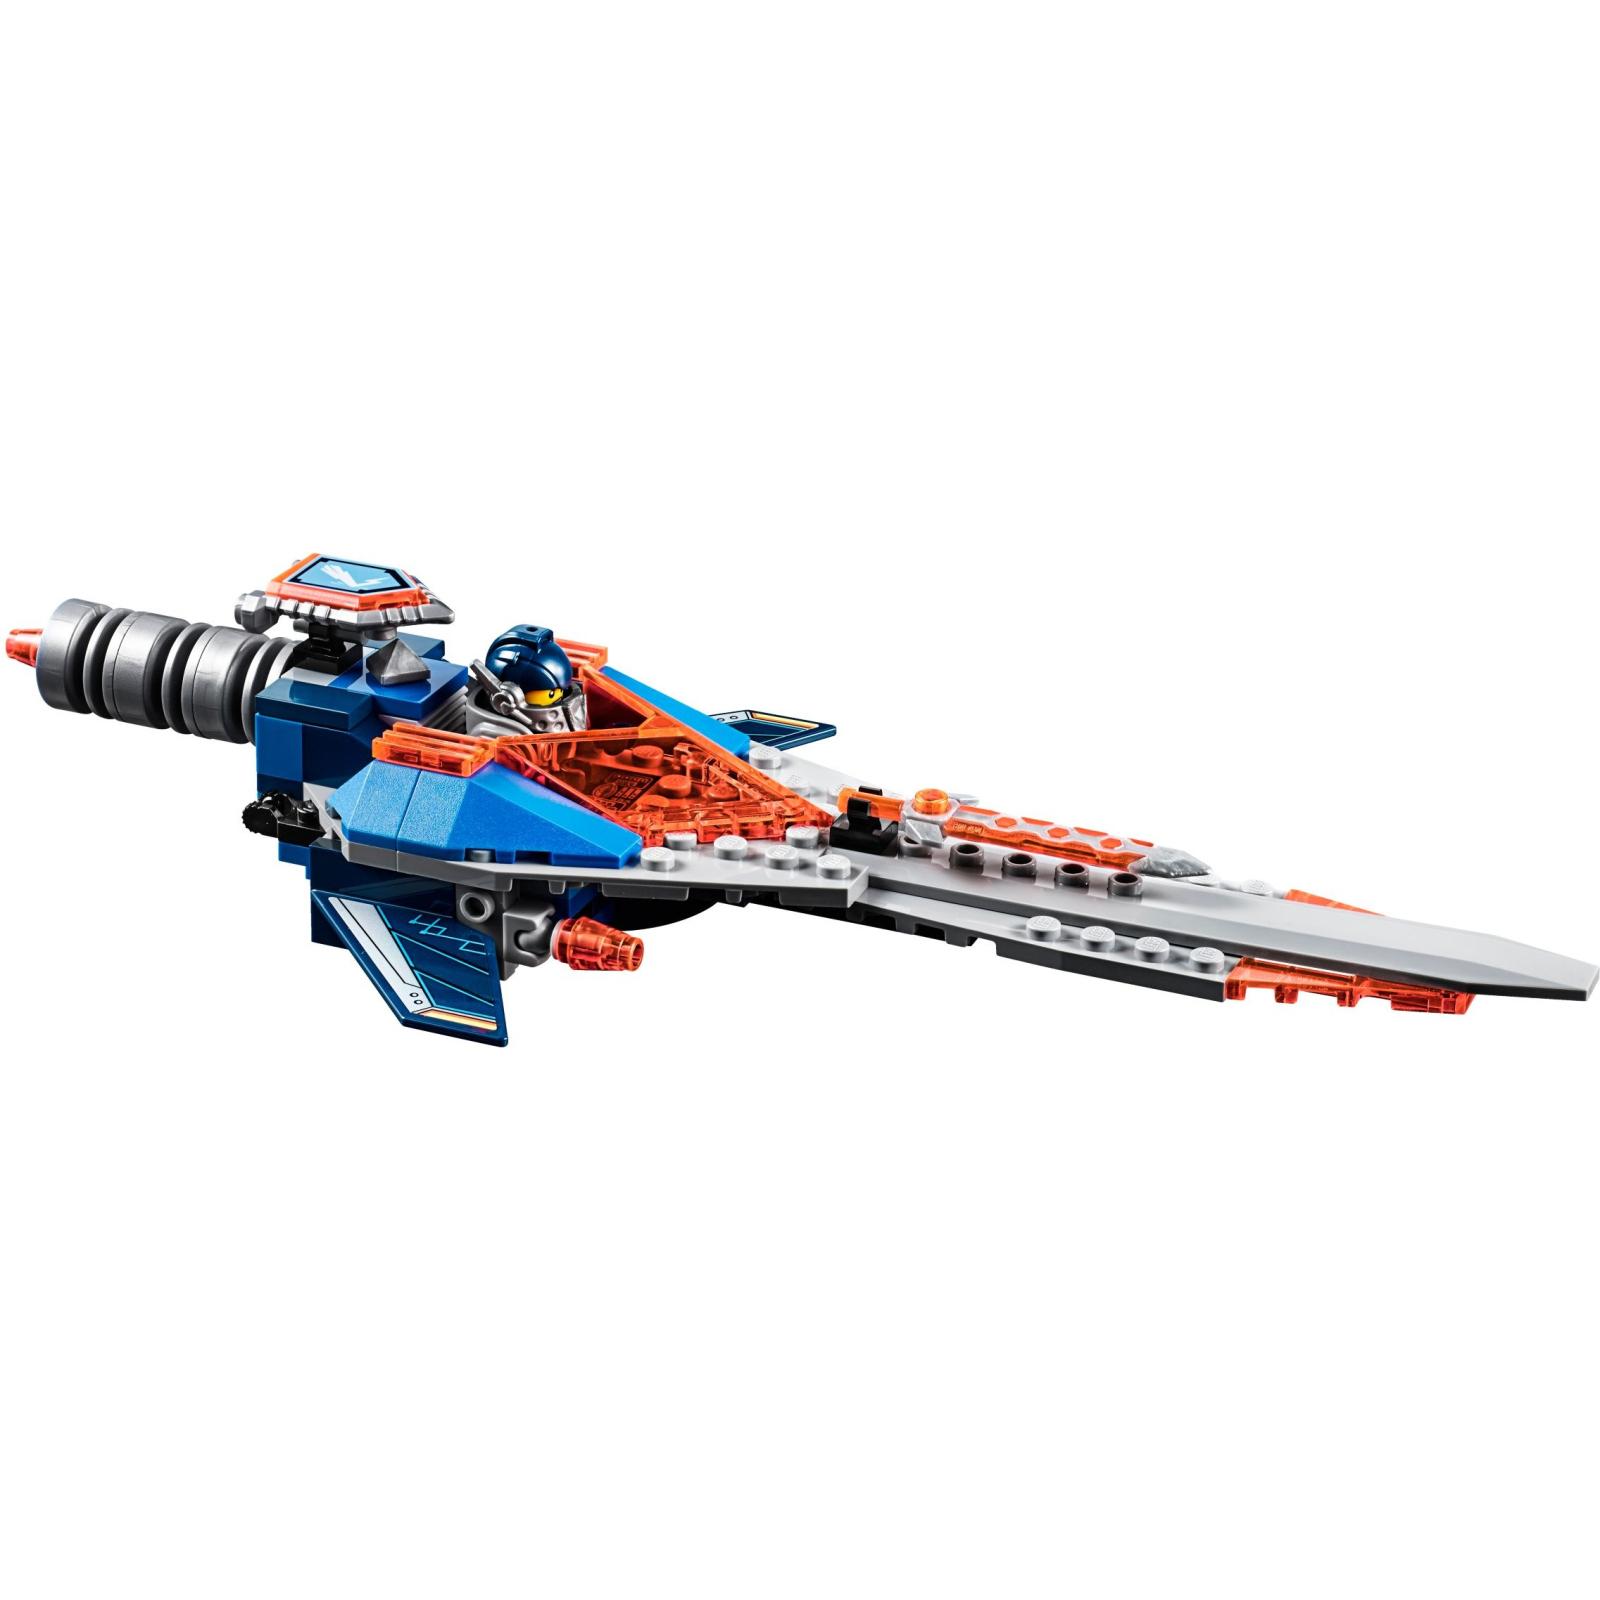 Конструктор LEGO Nexo Knights Устрашающий разрушитель Клэя (70315) изображение 4